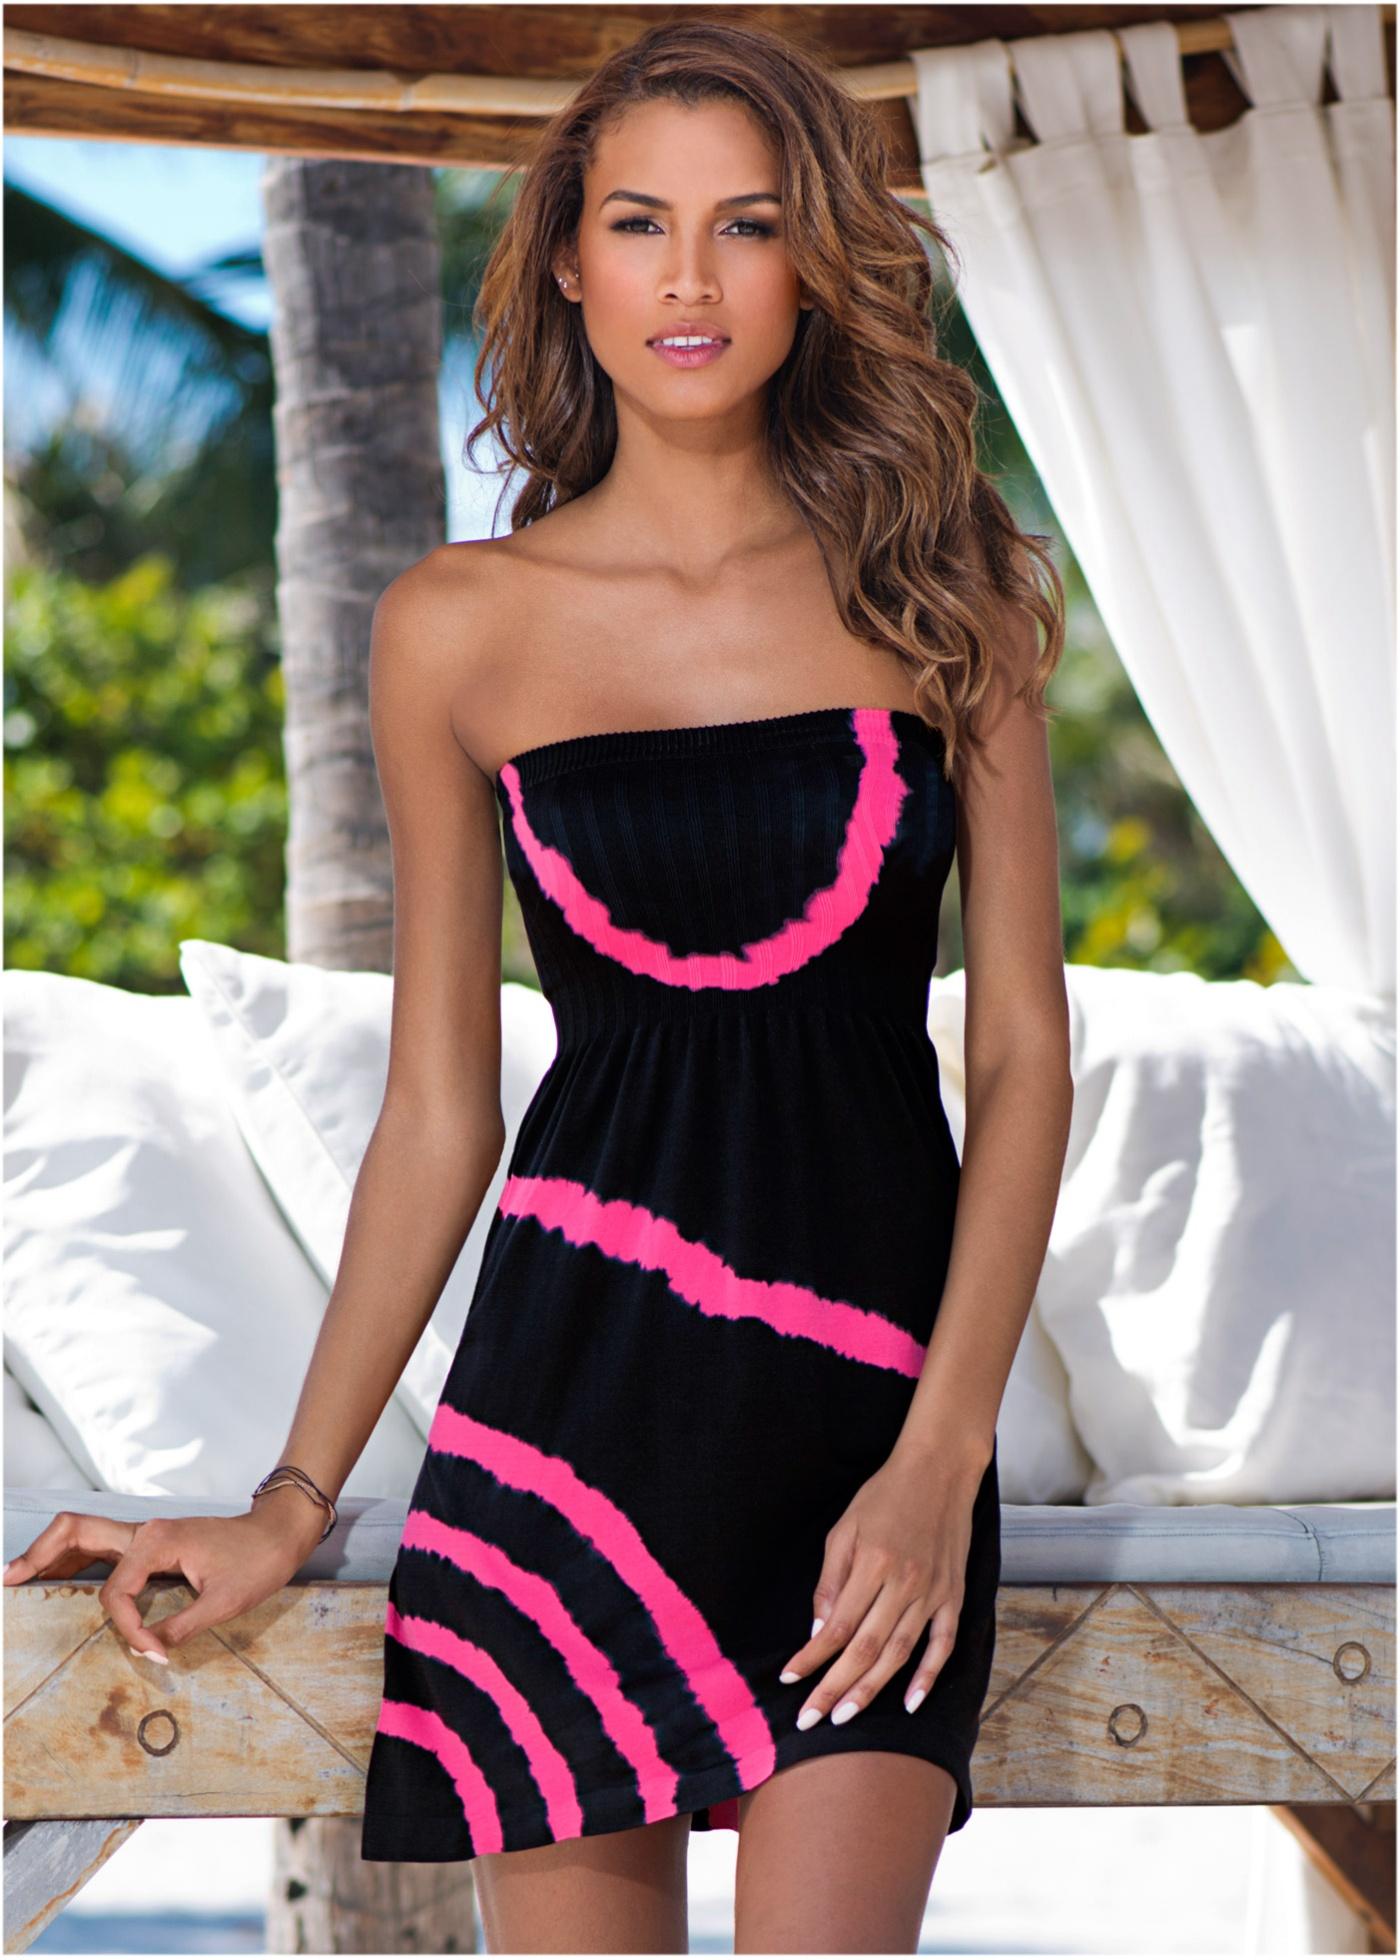 Plážové šaty bez ramínek, RAINBOW